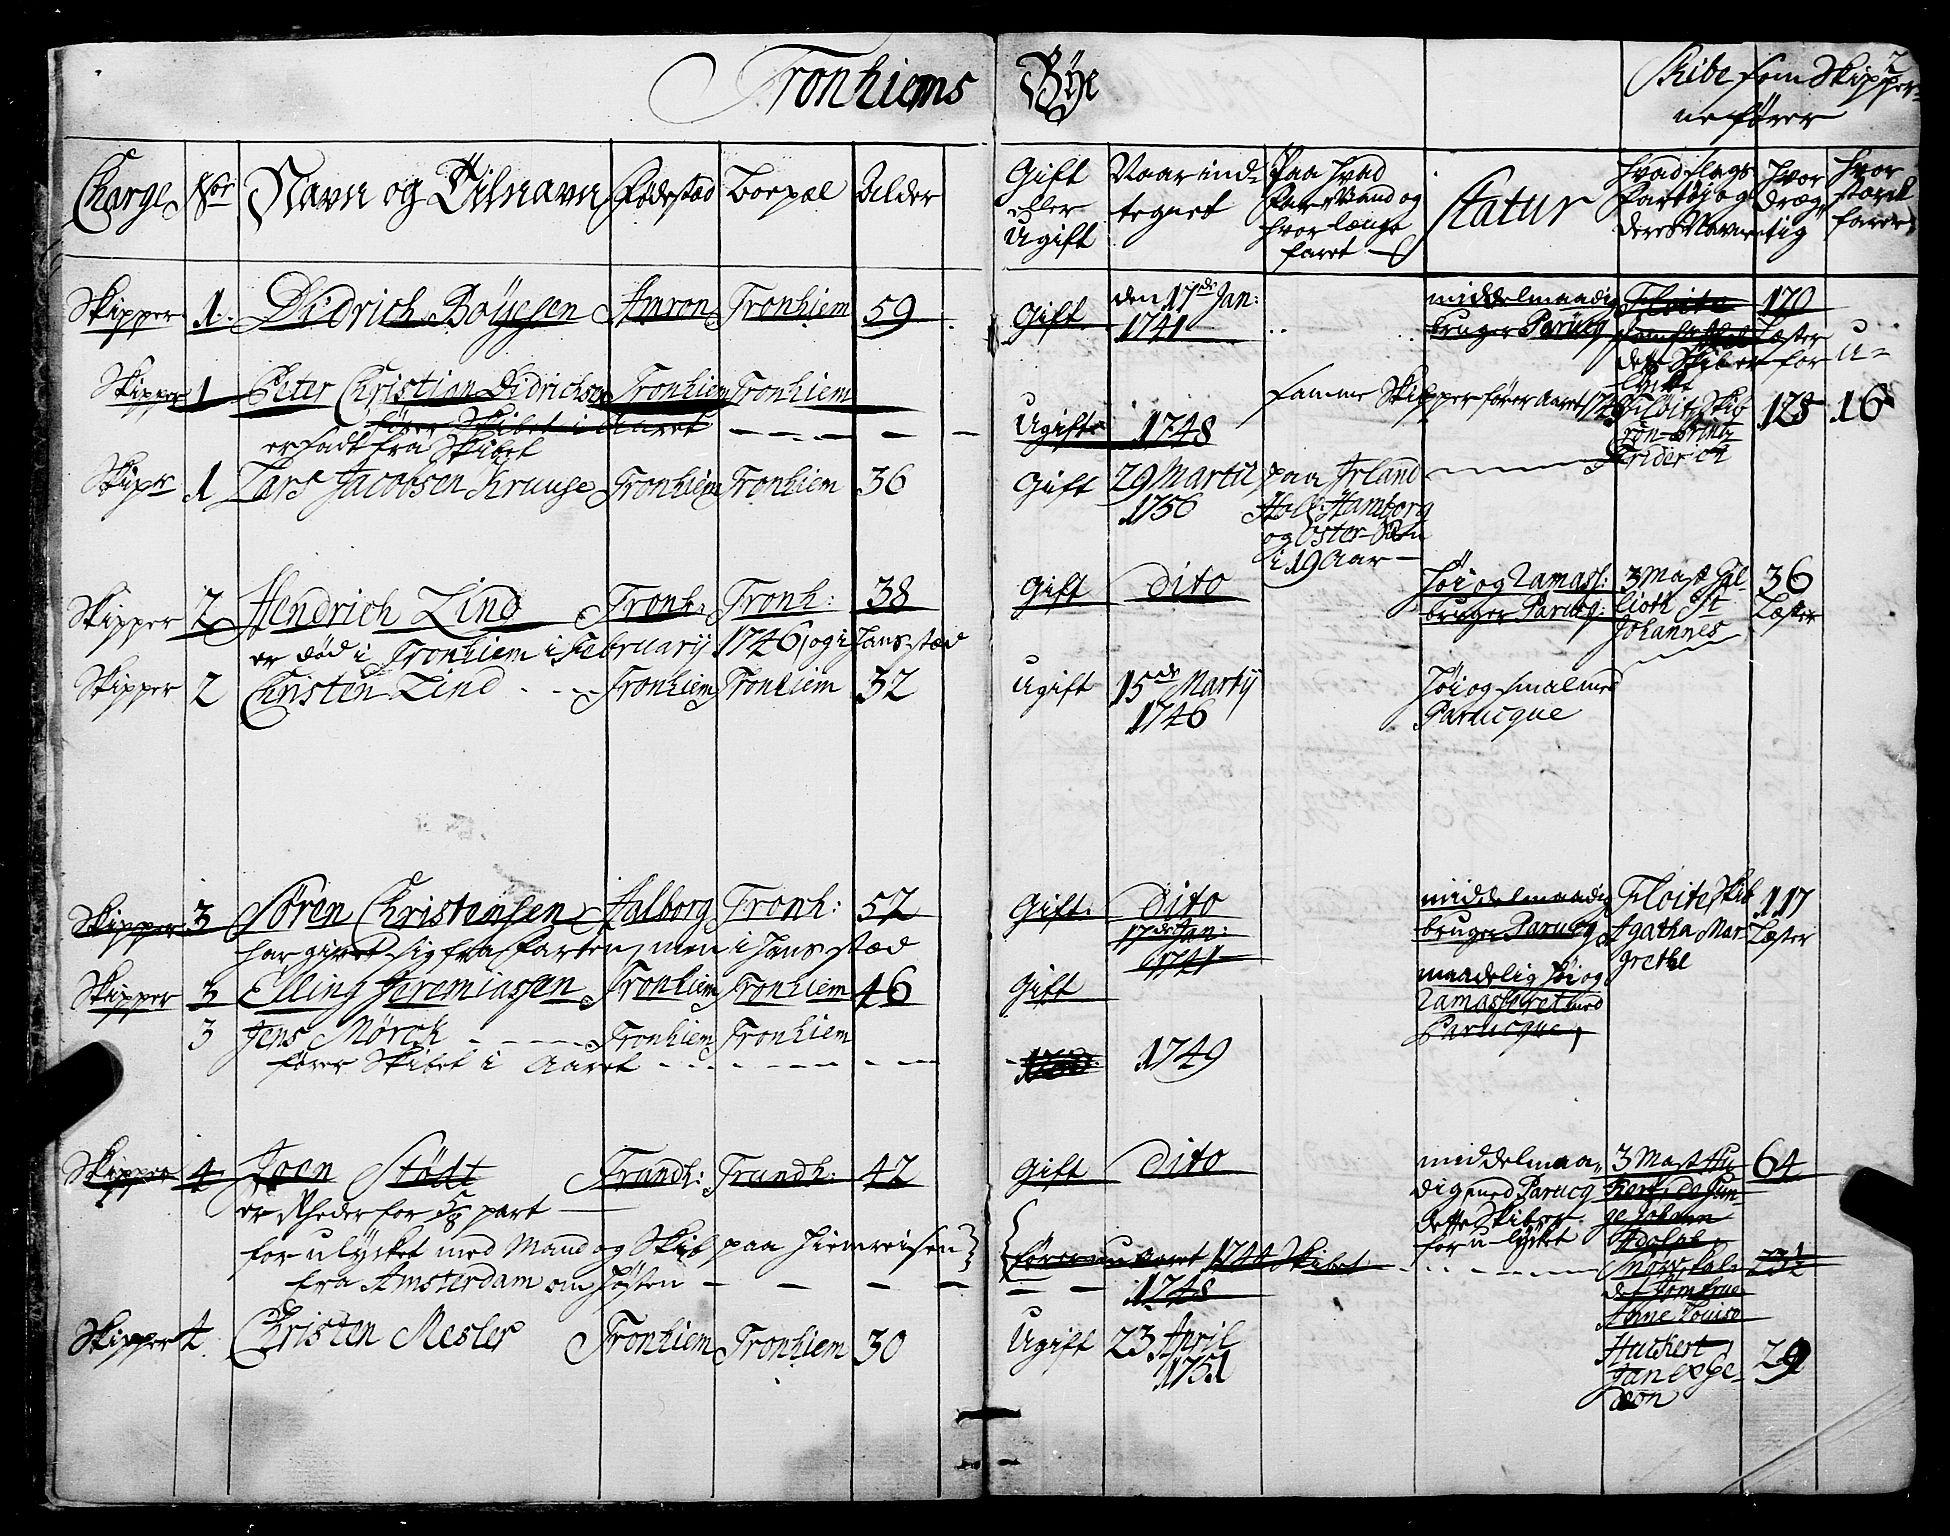 SAT, Sjøinnrulleringen - Trondhjemske distrikt, 01/L0006: --, 1743, s. 2